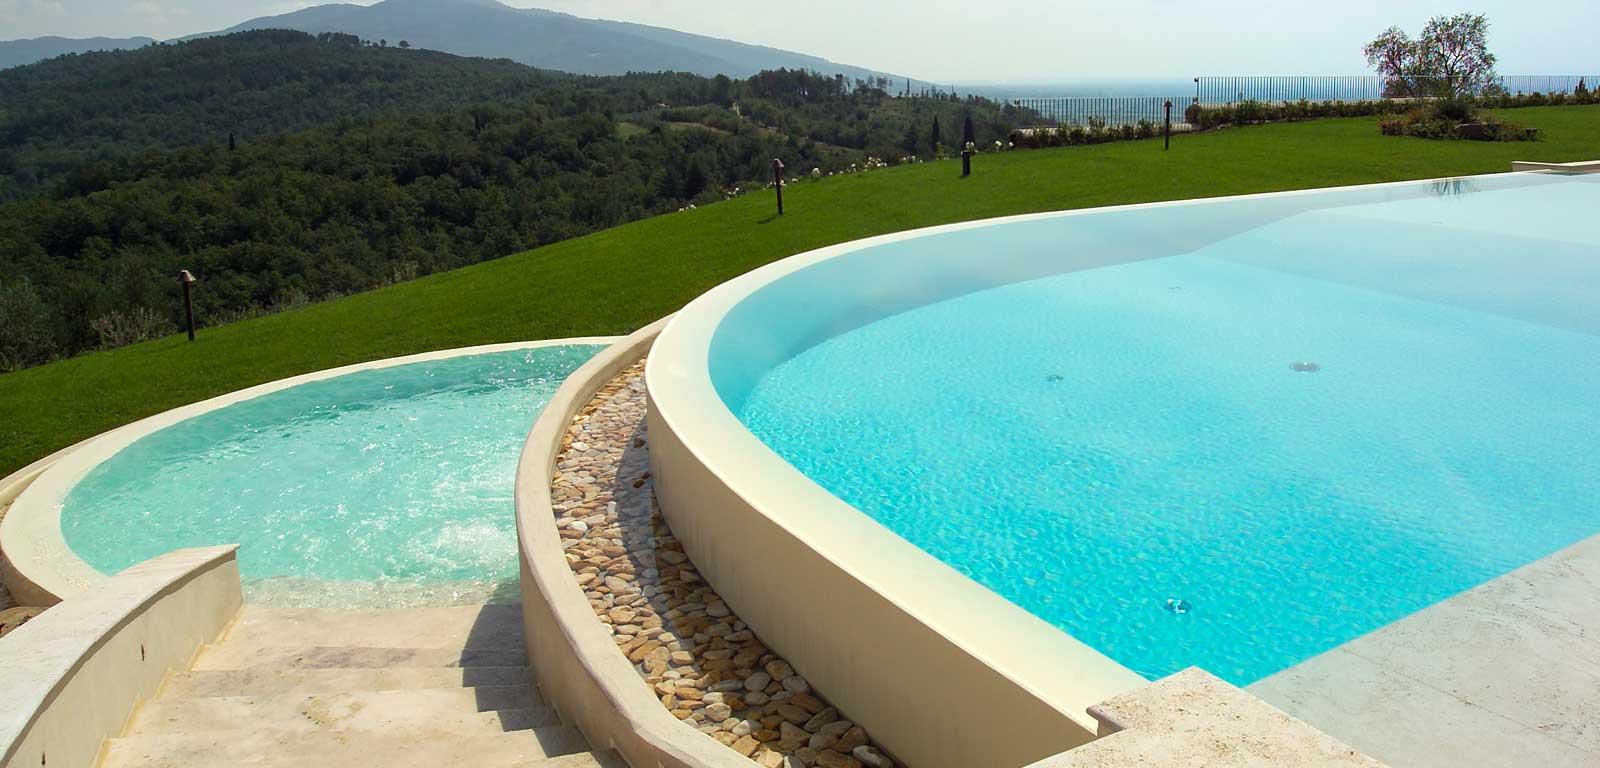 Bordo piscina con ciottoli levigati piscine castiglione for Clorazione piscine